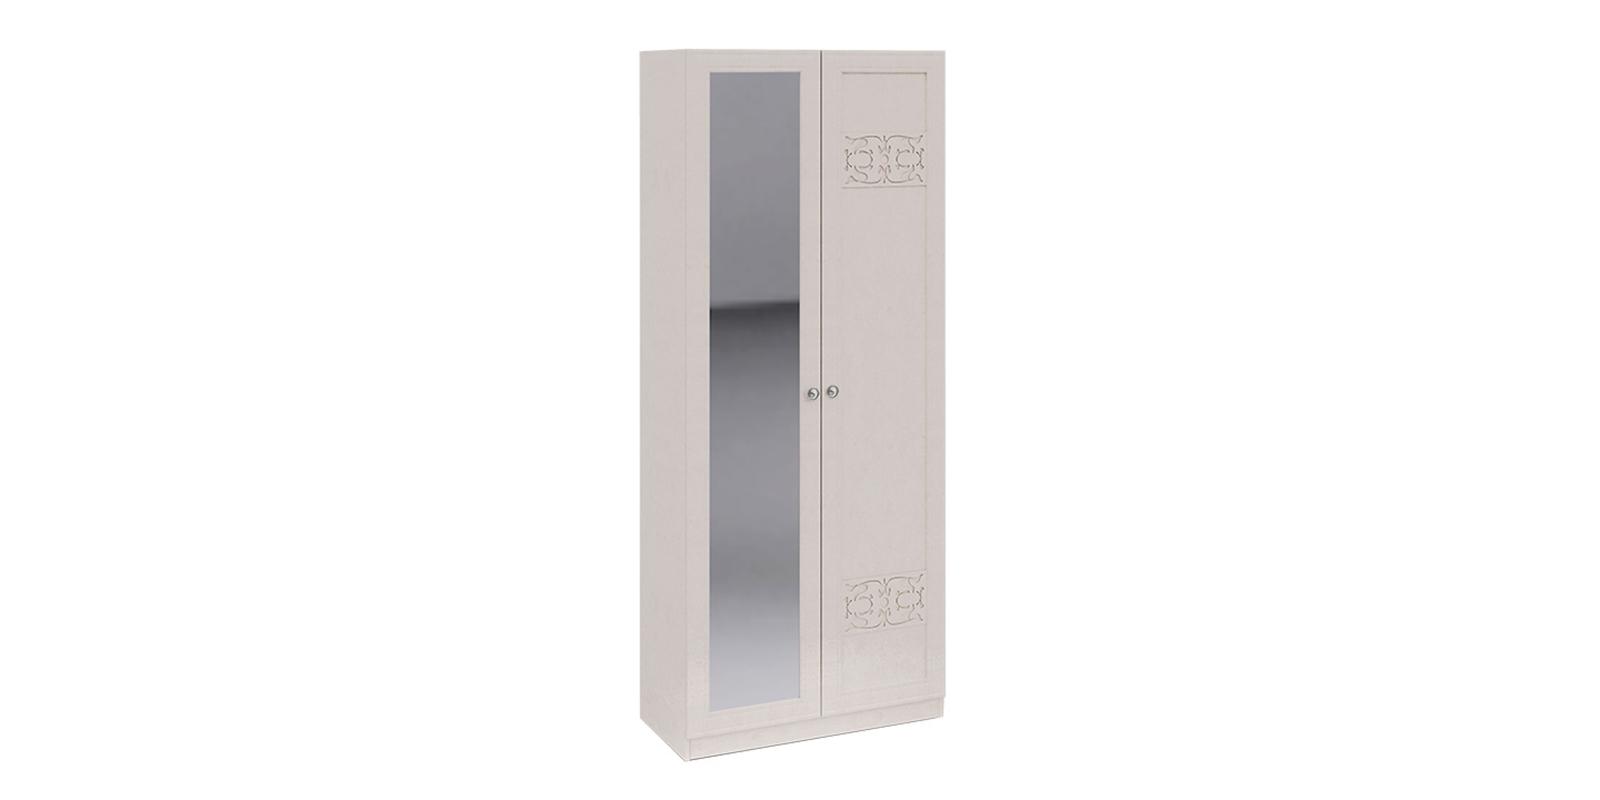 Шкаф распашной двухдверный Лацио вариант №4 (бежевый/зеркало)